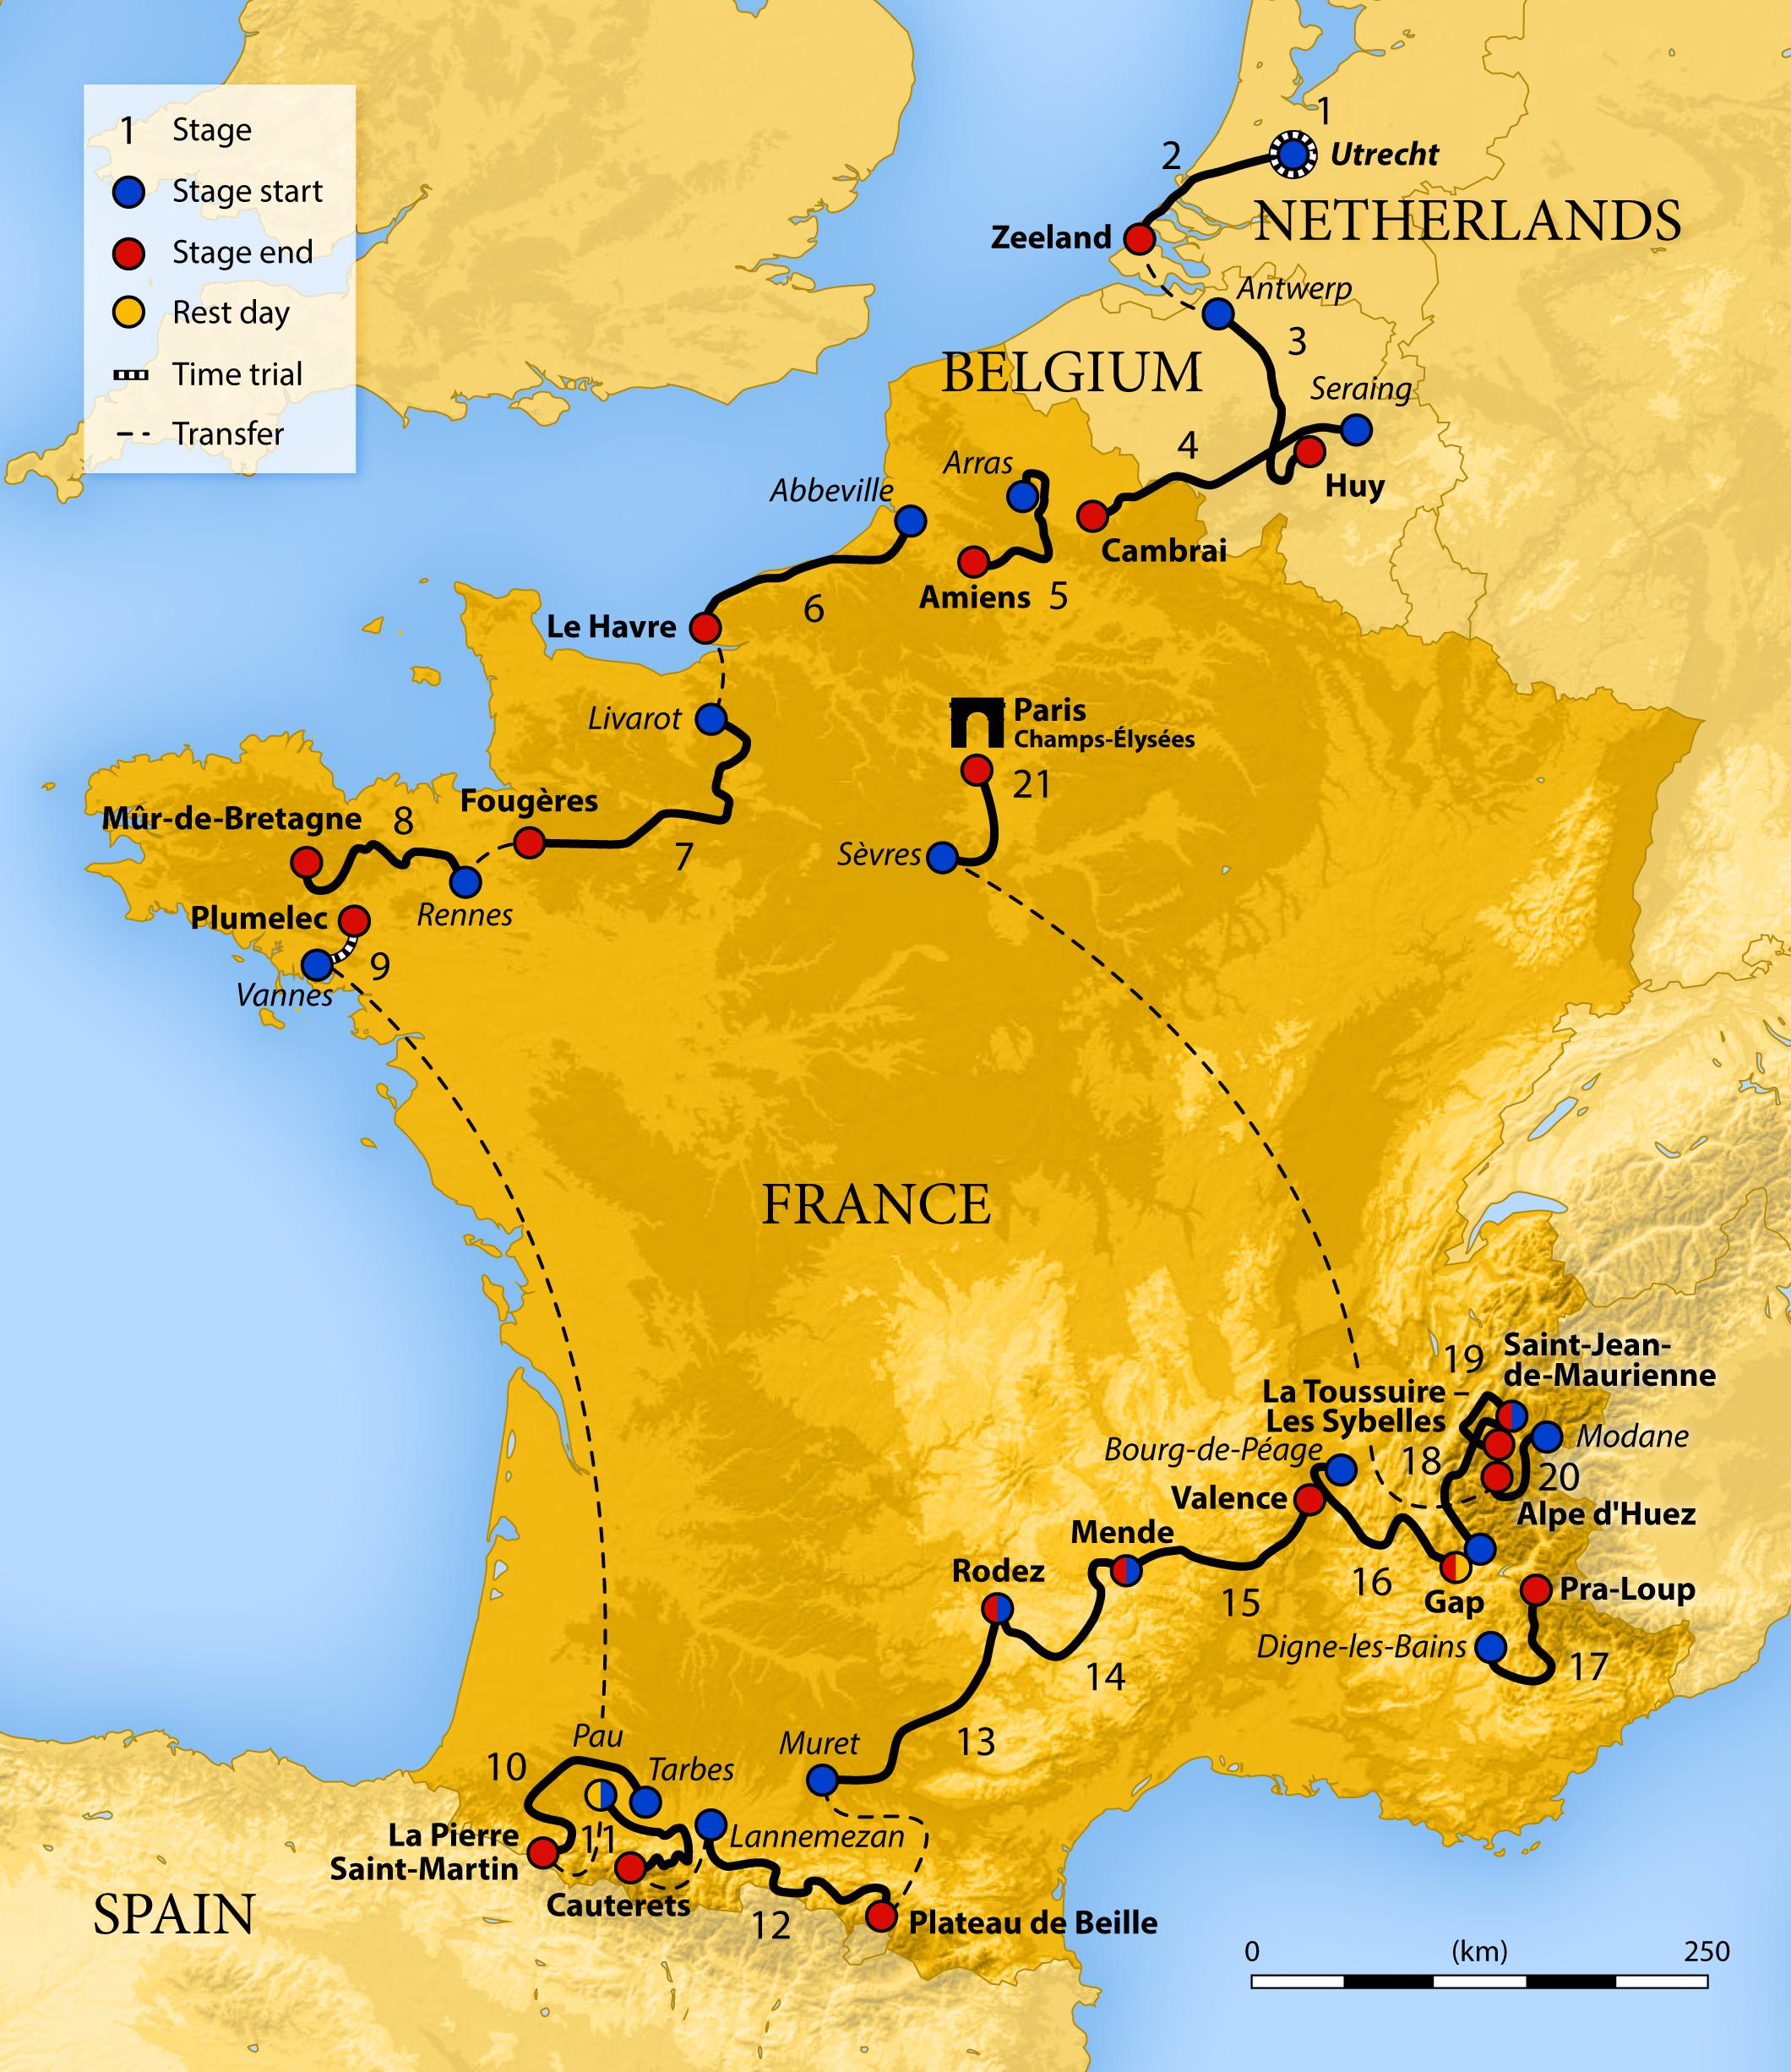 Tour de France 2016, les dates et villes étapes - Local.fr